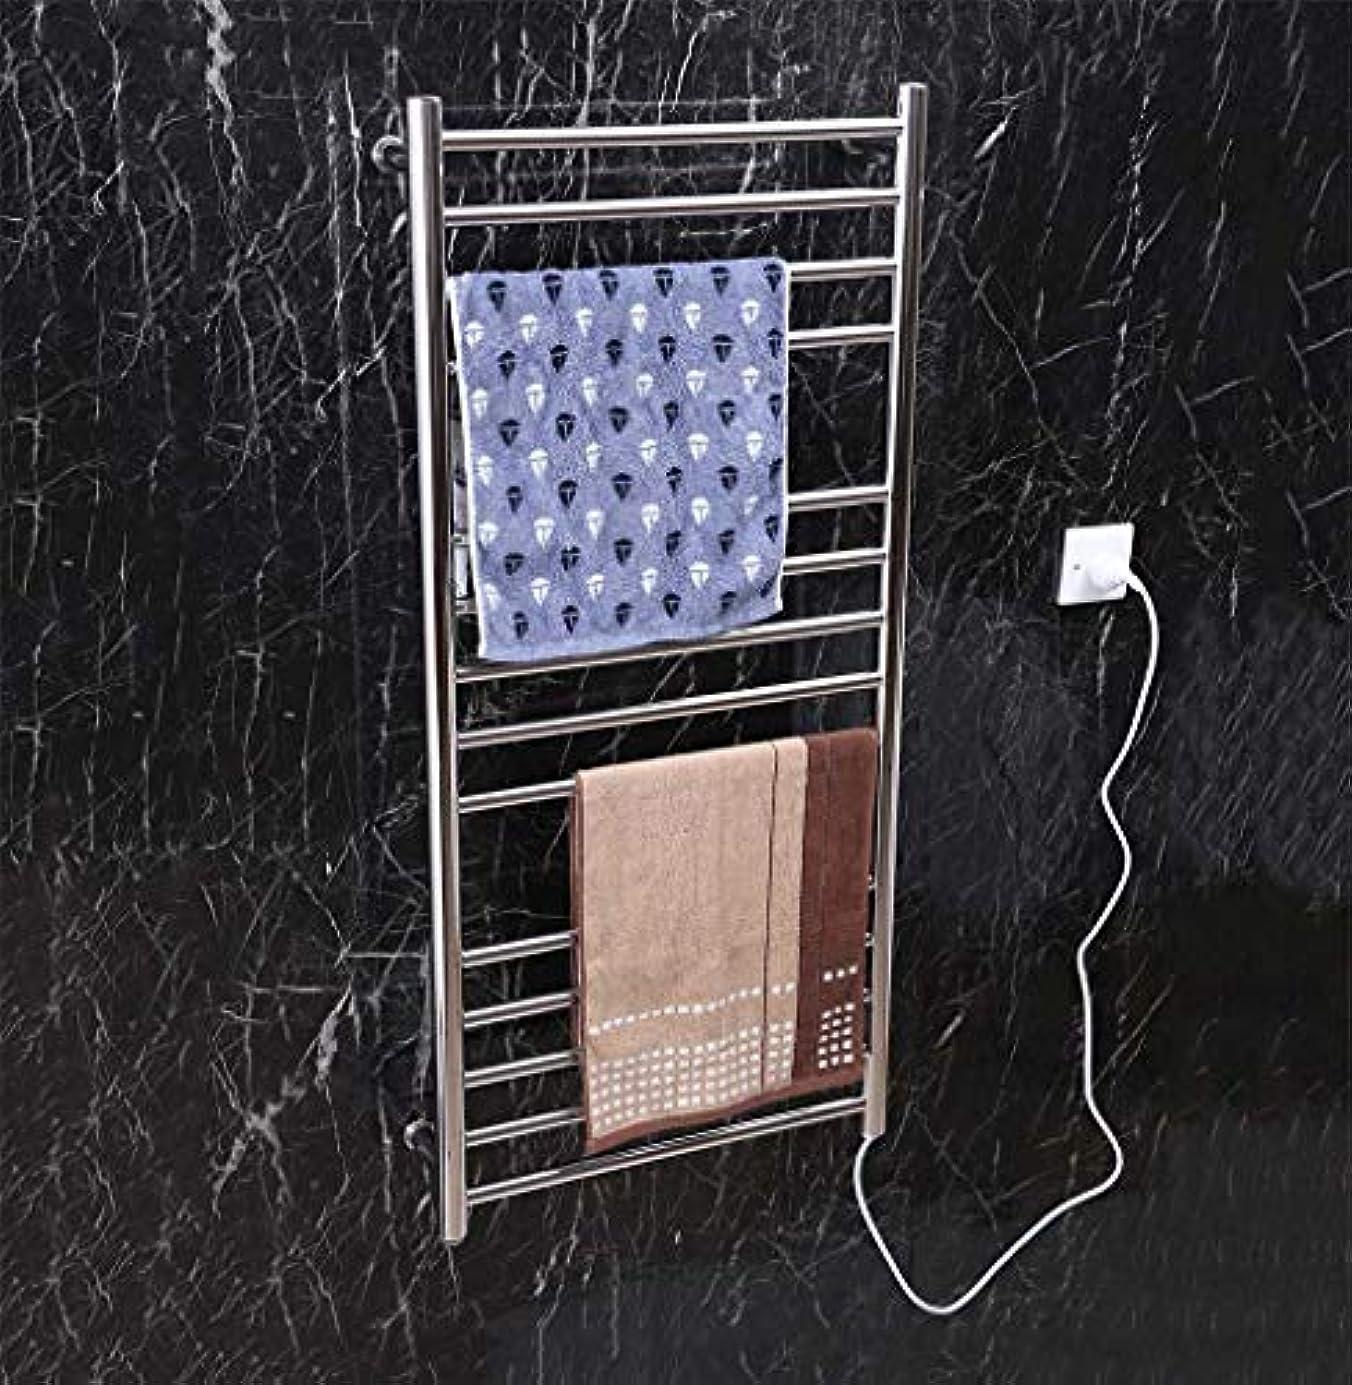 グリーンバックエンジニアリング若いスマート電気タオルウォーマー、304ステンレススチール壁掛け電気タオルラジエーター、家庭用ホテルのバスルームシェルフ、1100X520X120mm